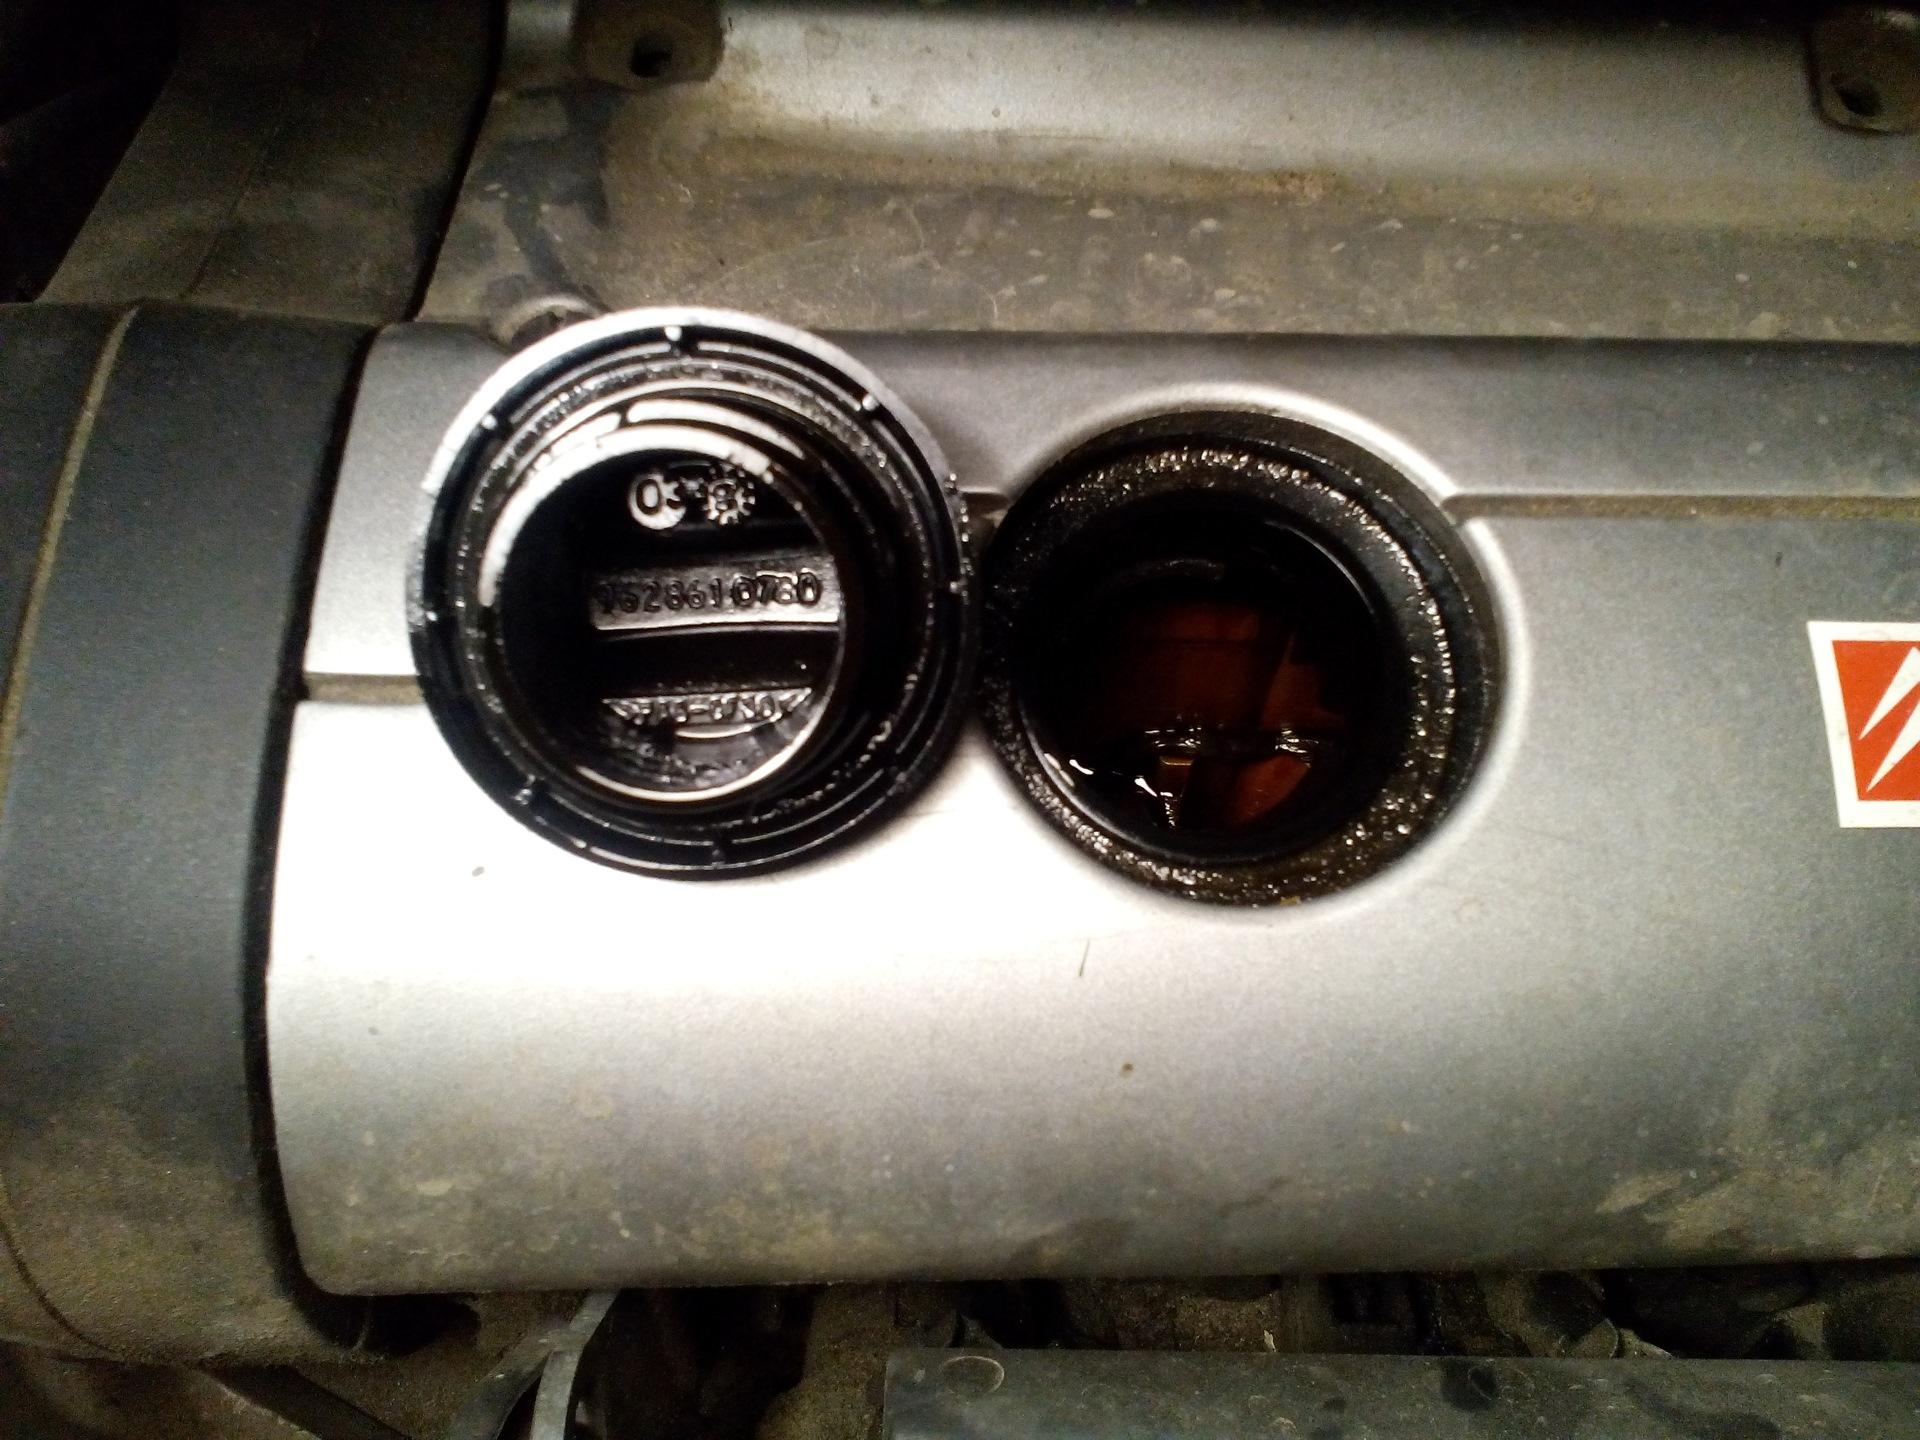 ситроен ксара пикассо уходит масло из двигателя